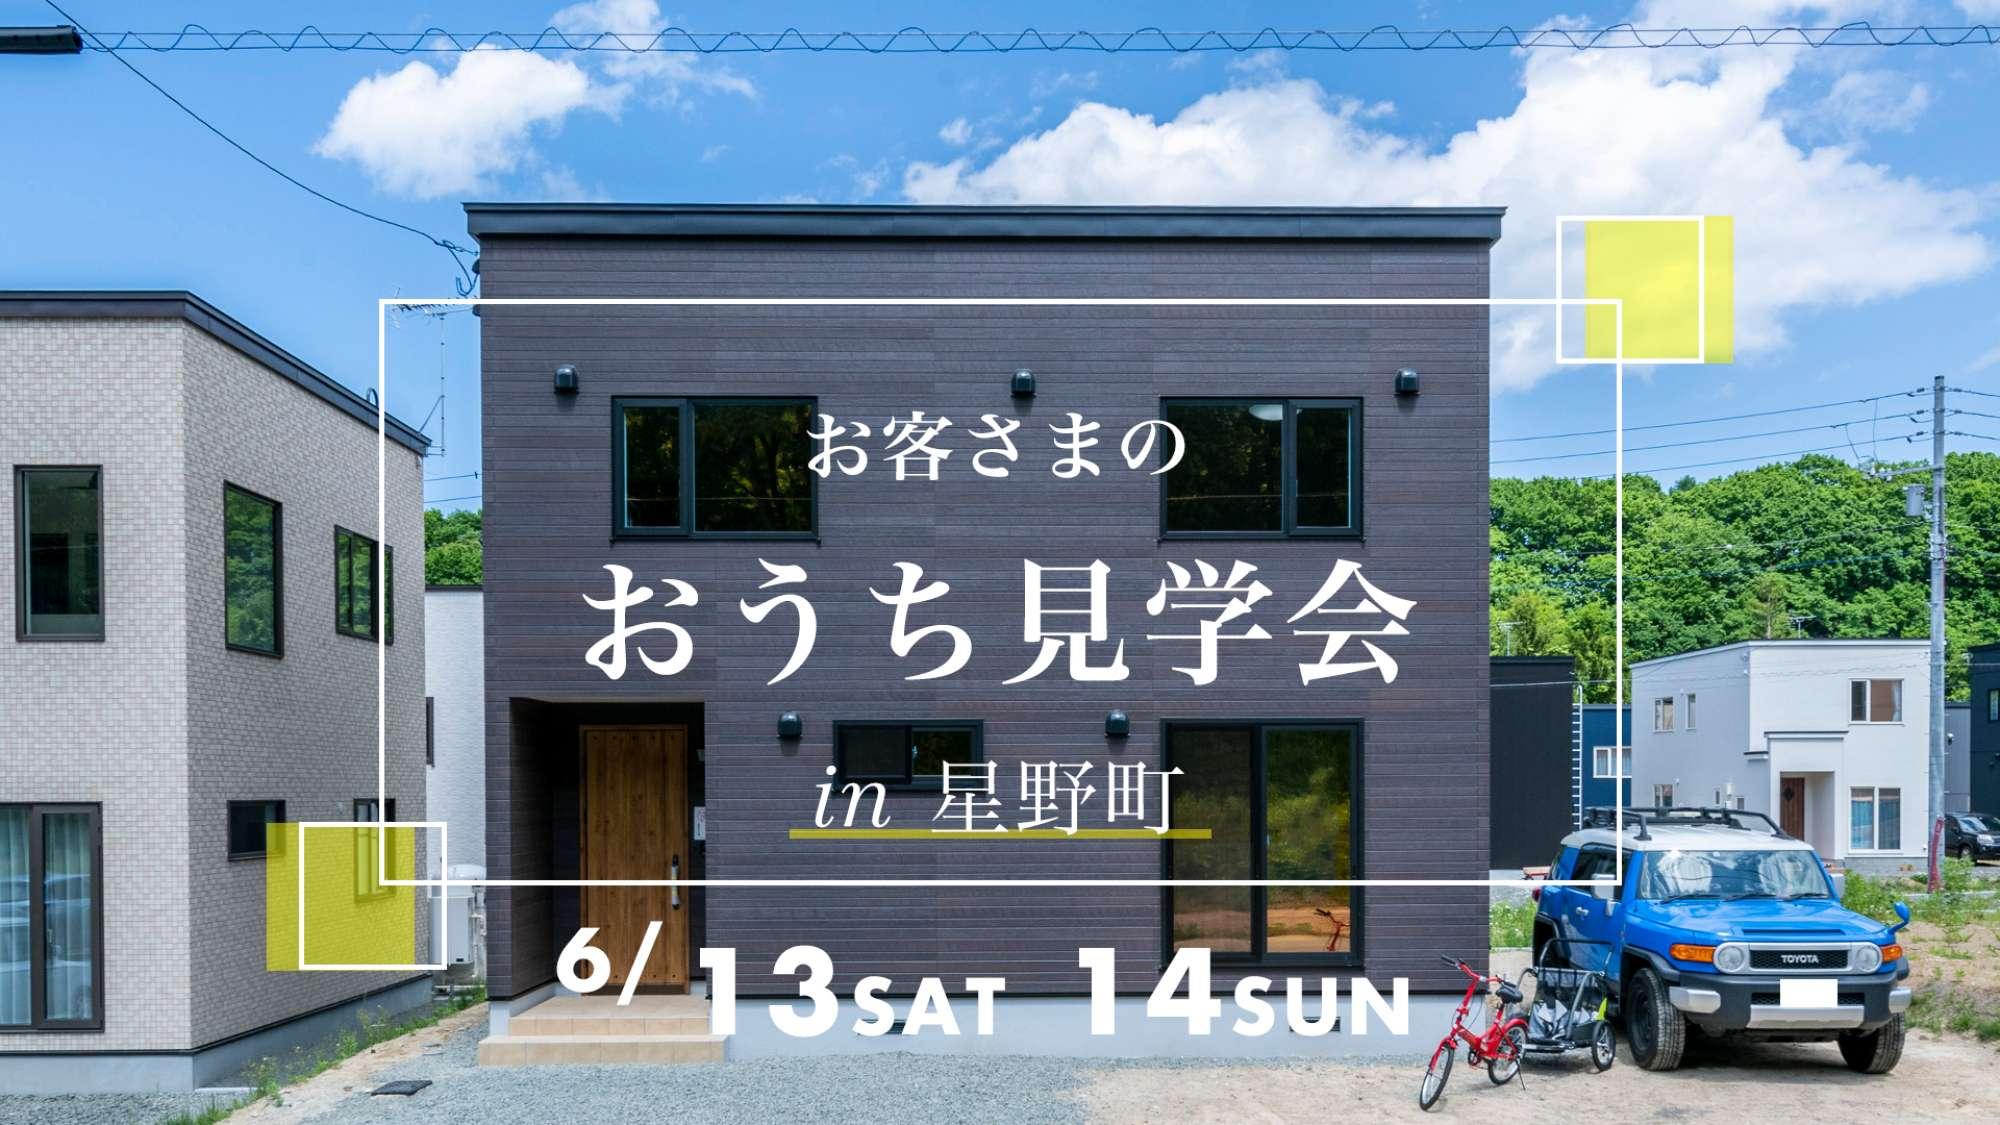 6/13(土)14(日) 開催 お客様のおうち見学会in星野町 -